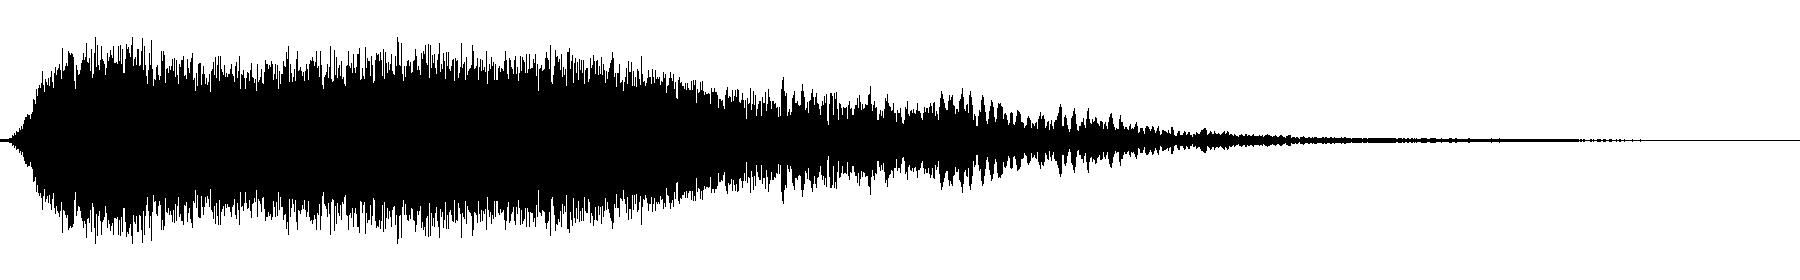 vfx1 atmos 70